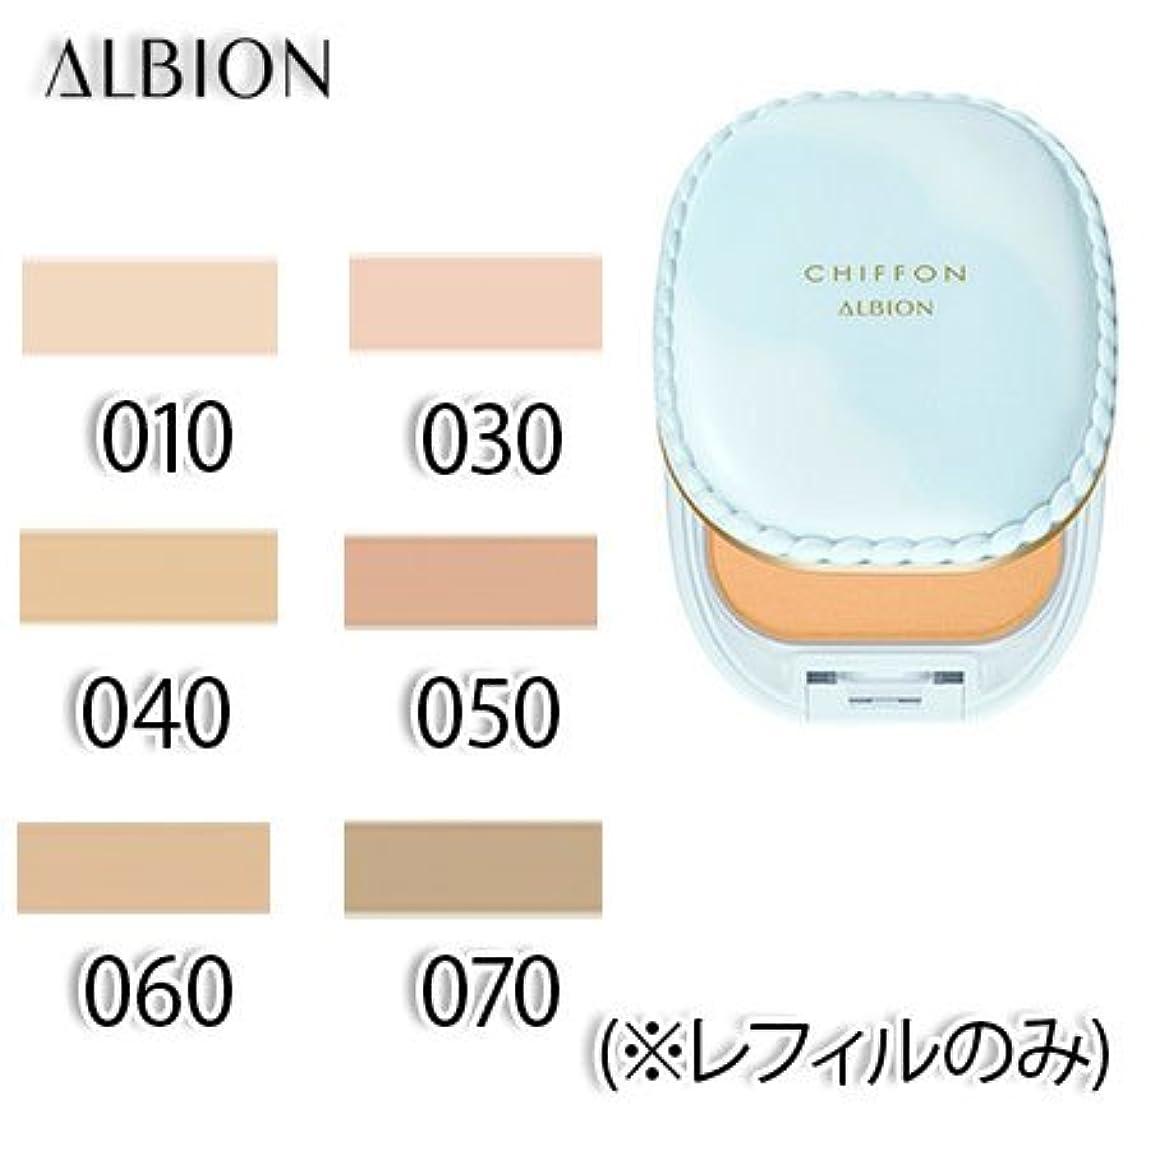 ドループタイプライター受け入れるアルビオン スノー ホワイト シフォン 全6色 SPF25?PA++ 10g (レフィルのみ) -ALBION- 030